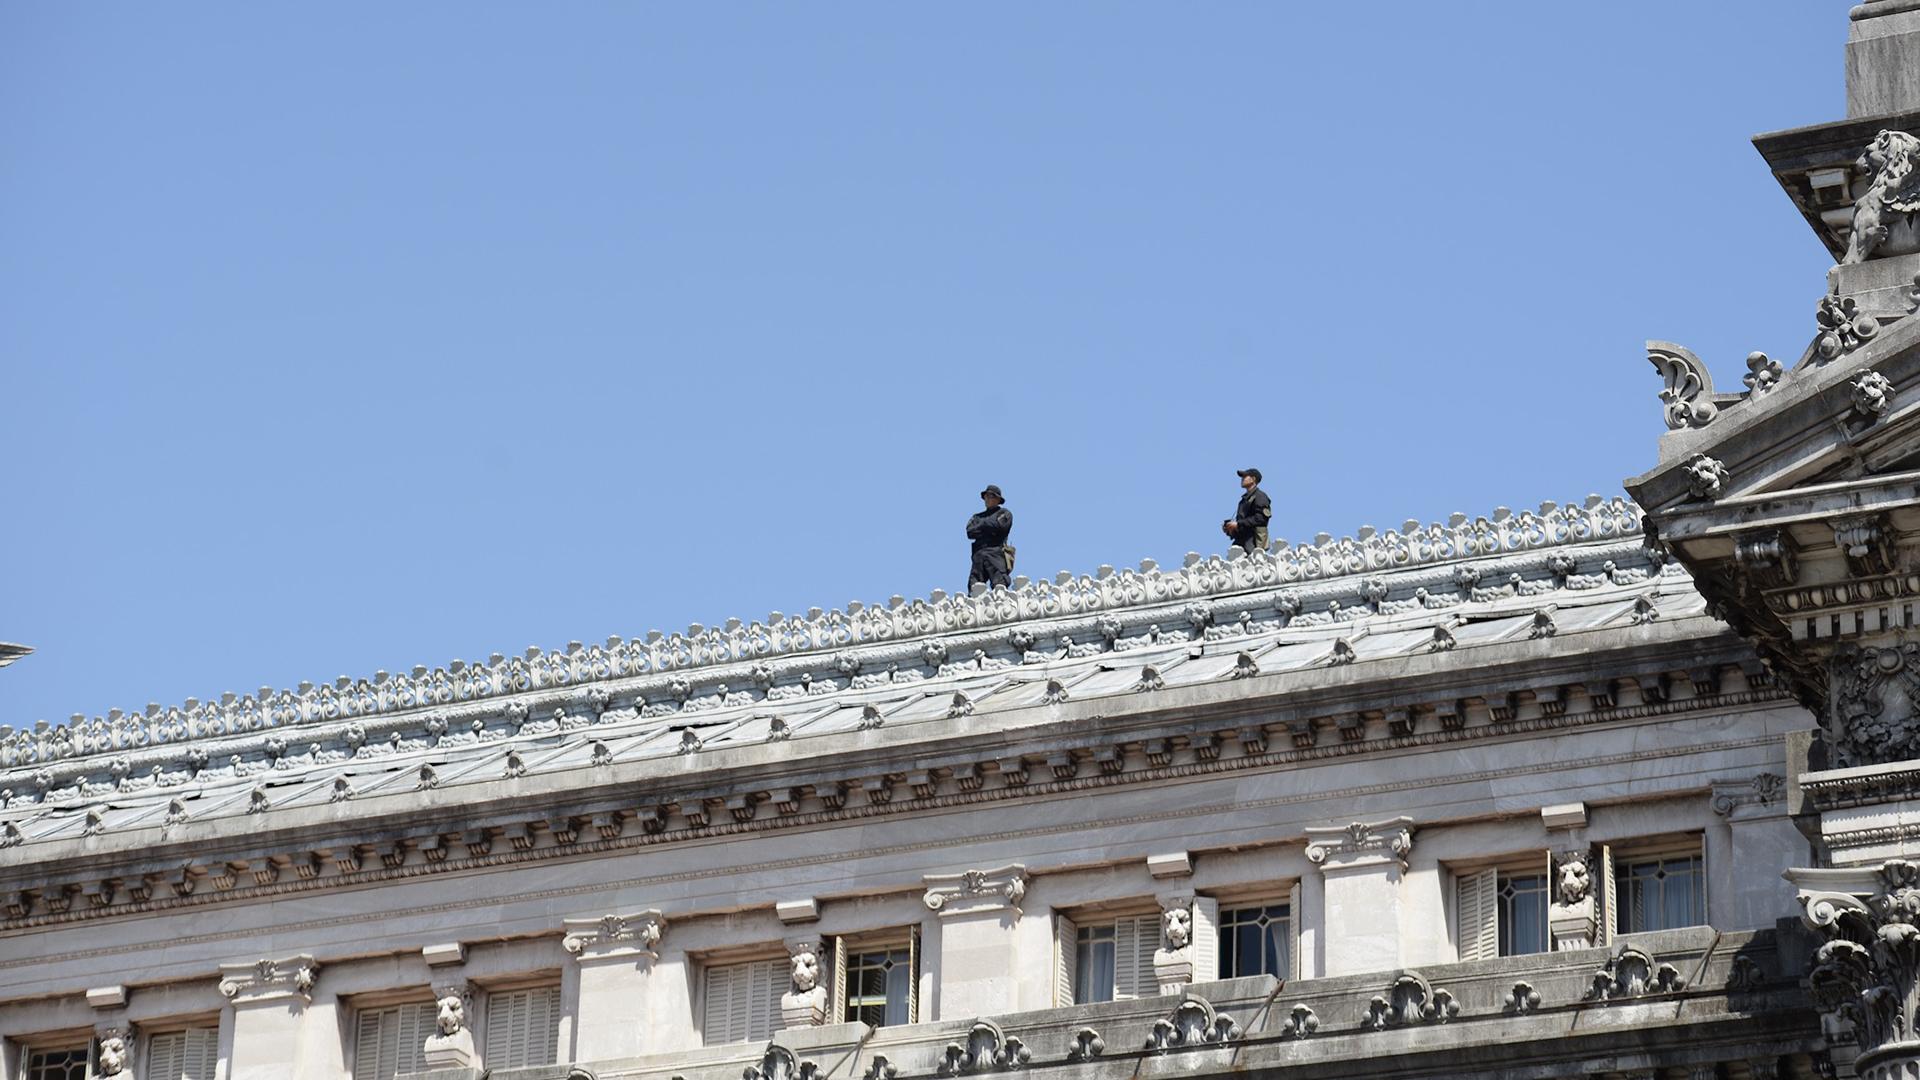 El operativo de seguridad incluyó efectivos en el techo del Congreso